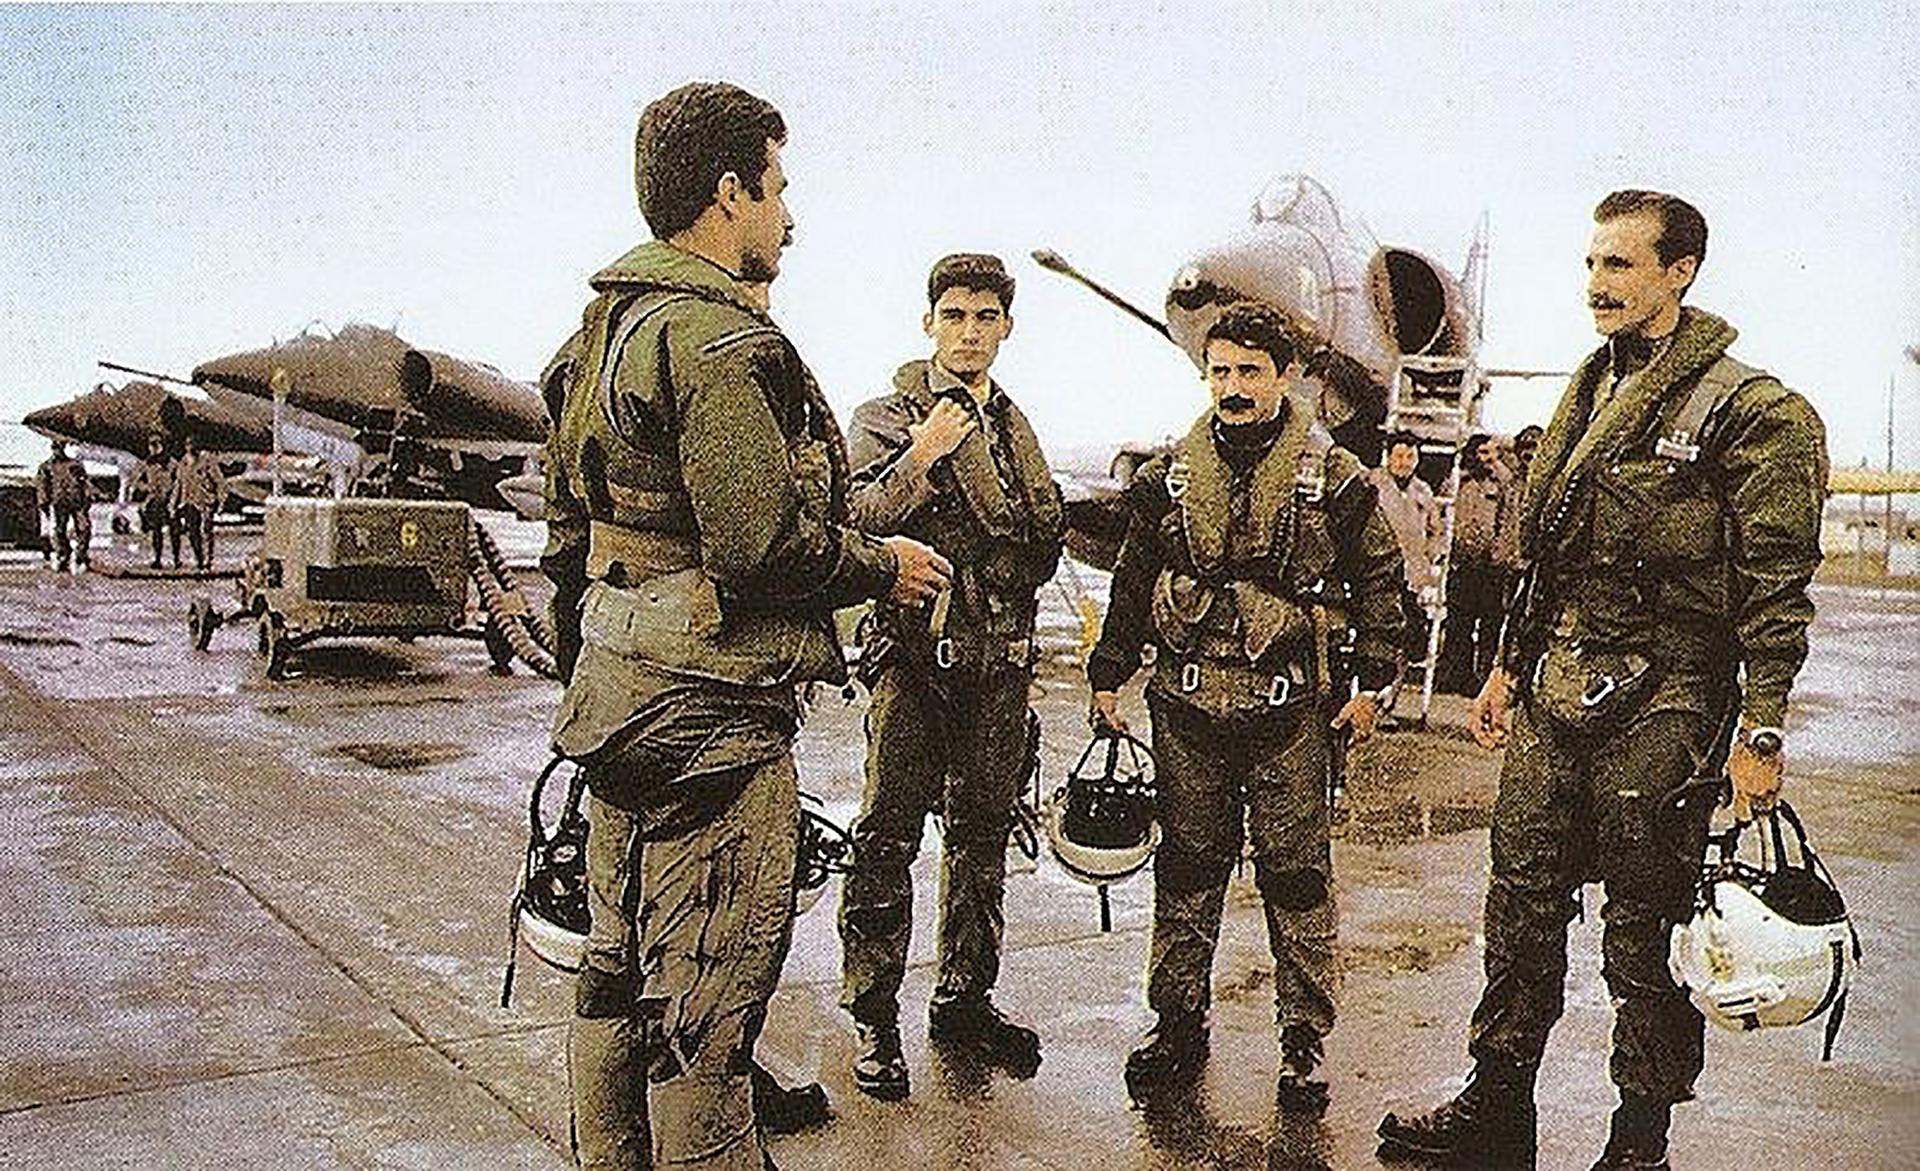 El capitán Pablo Carballo (de espaldas) junto a su escuadrilla antes de una misión. Recibió la Cruz al Heroico Valor en Combate y participó de siete misiones durante la guerra de Malvinas, incluyendo los hundimientos del Coventry, Ardent y los serios daños alBroadsword